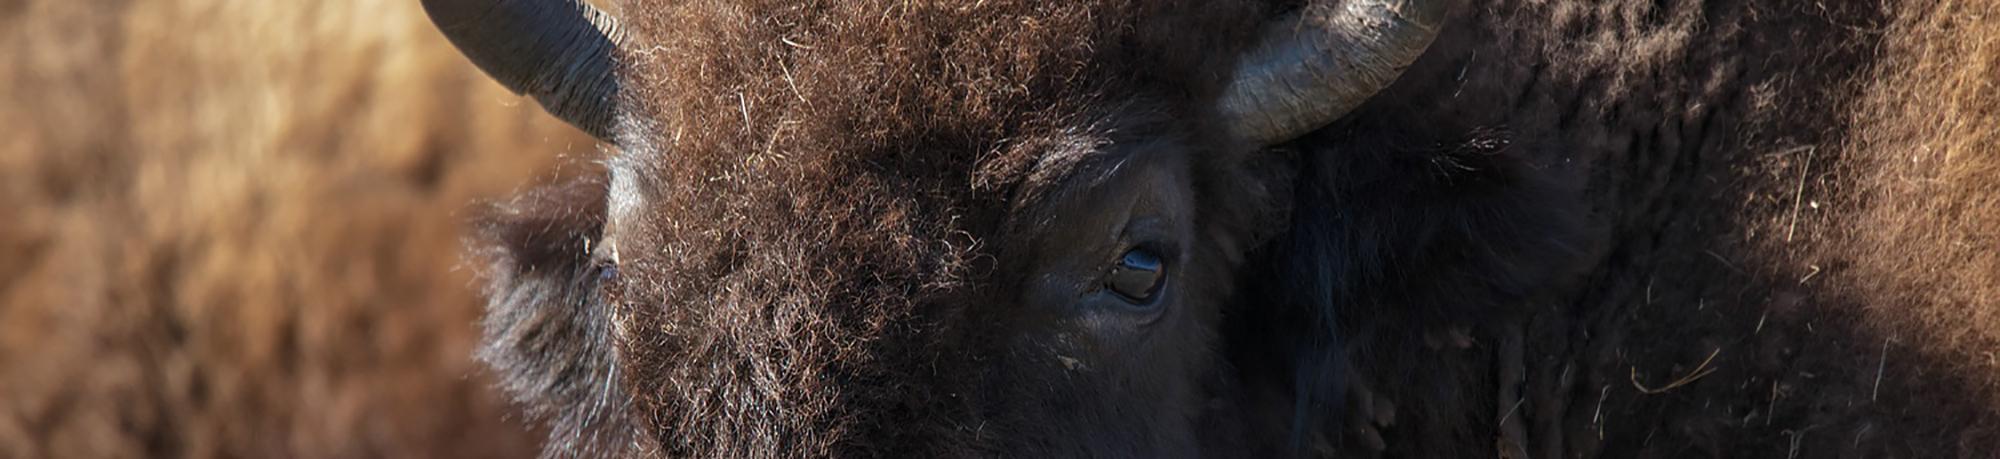 Bison im Serengeti-Park